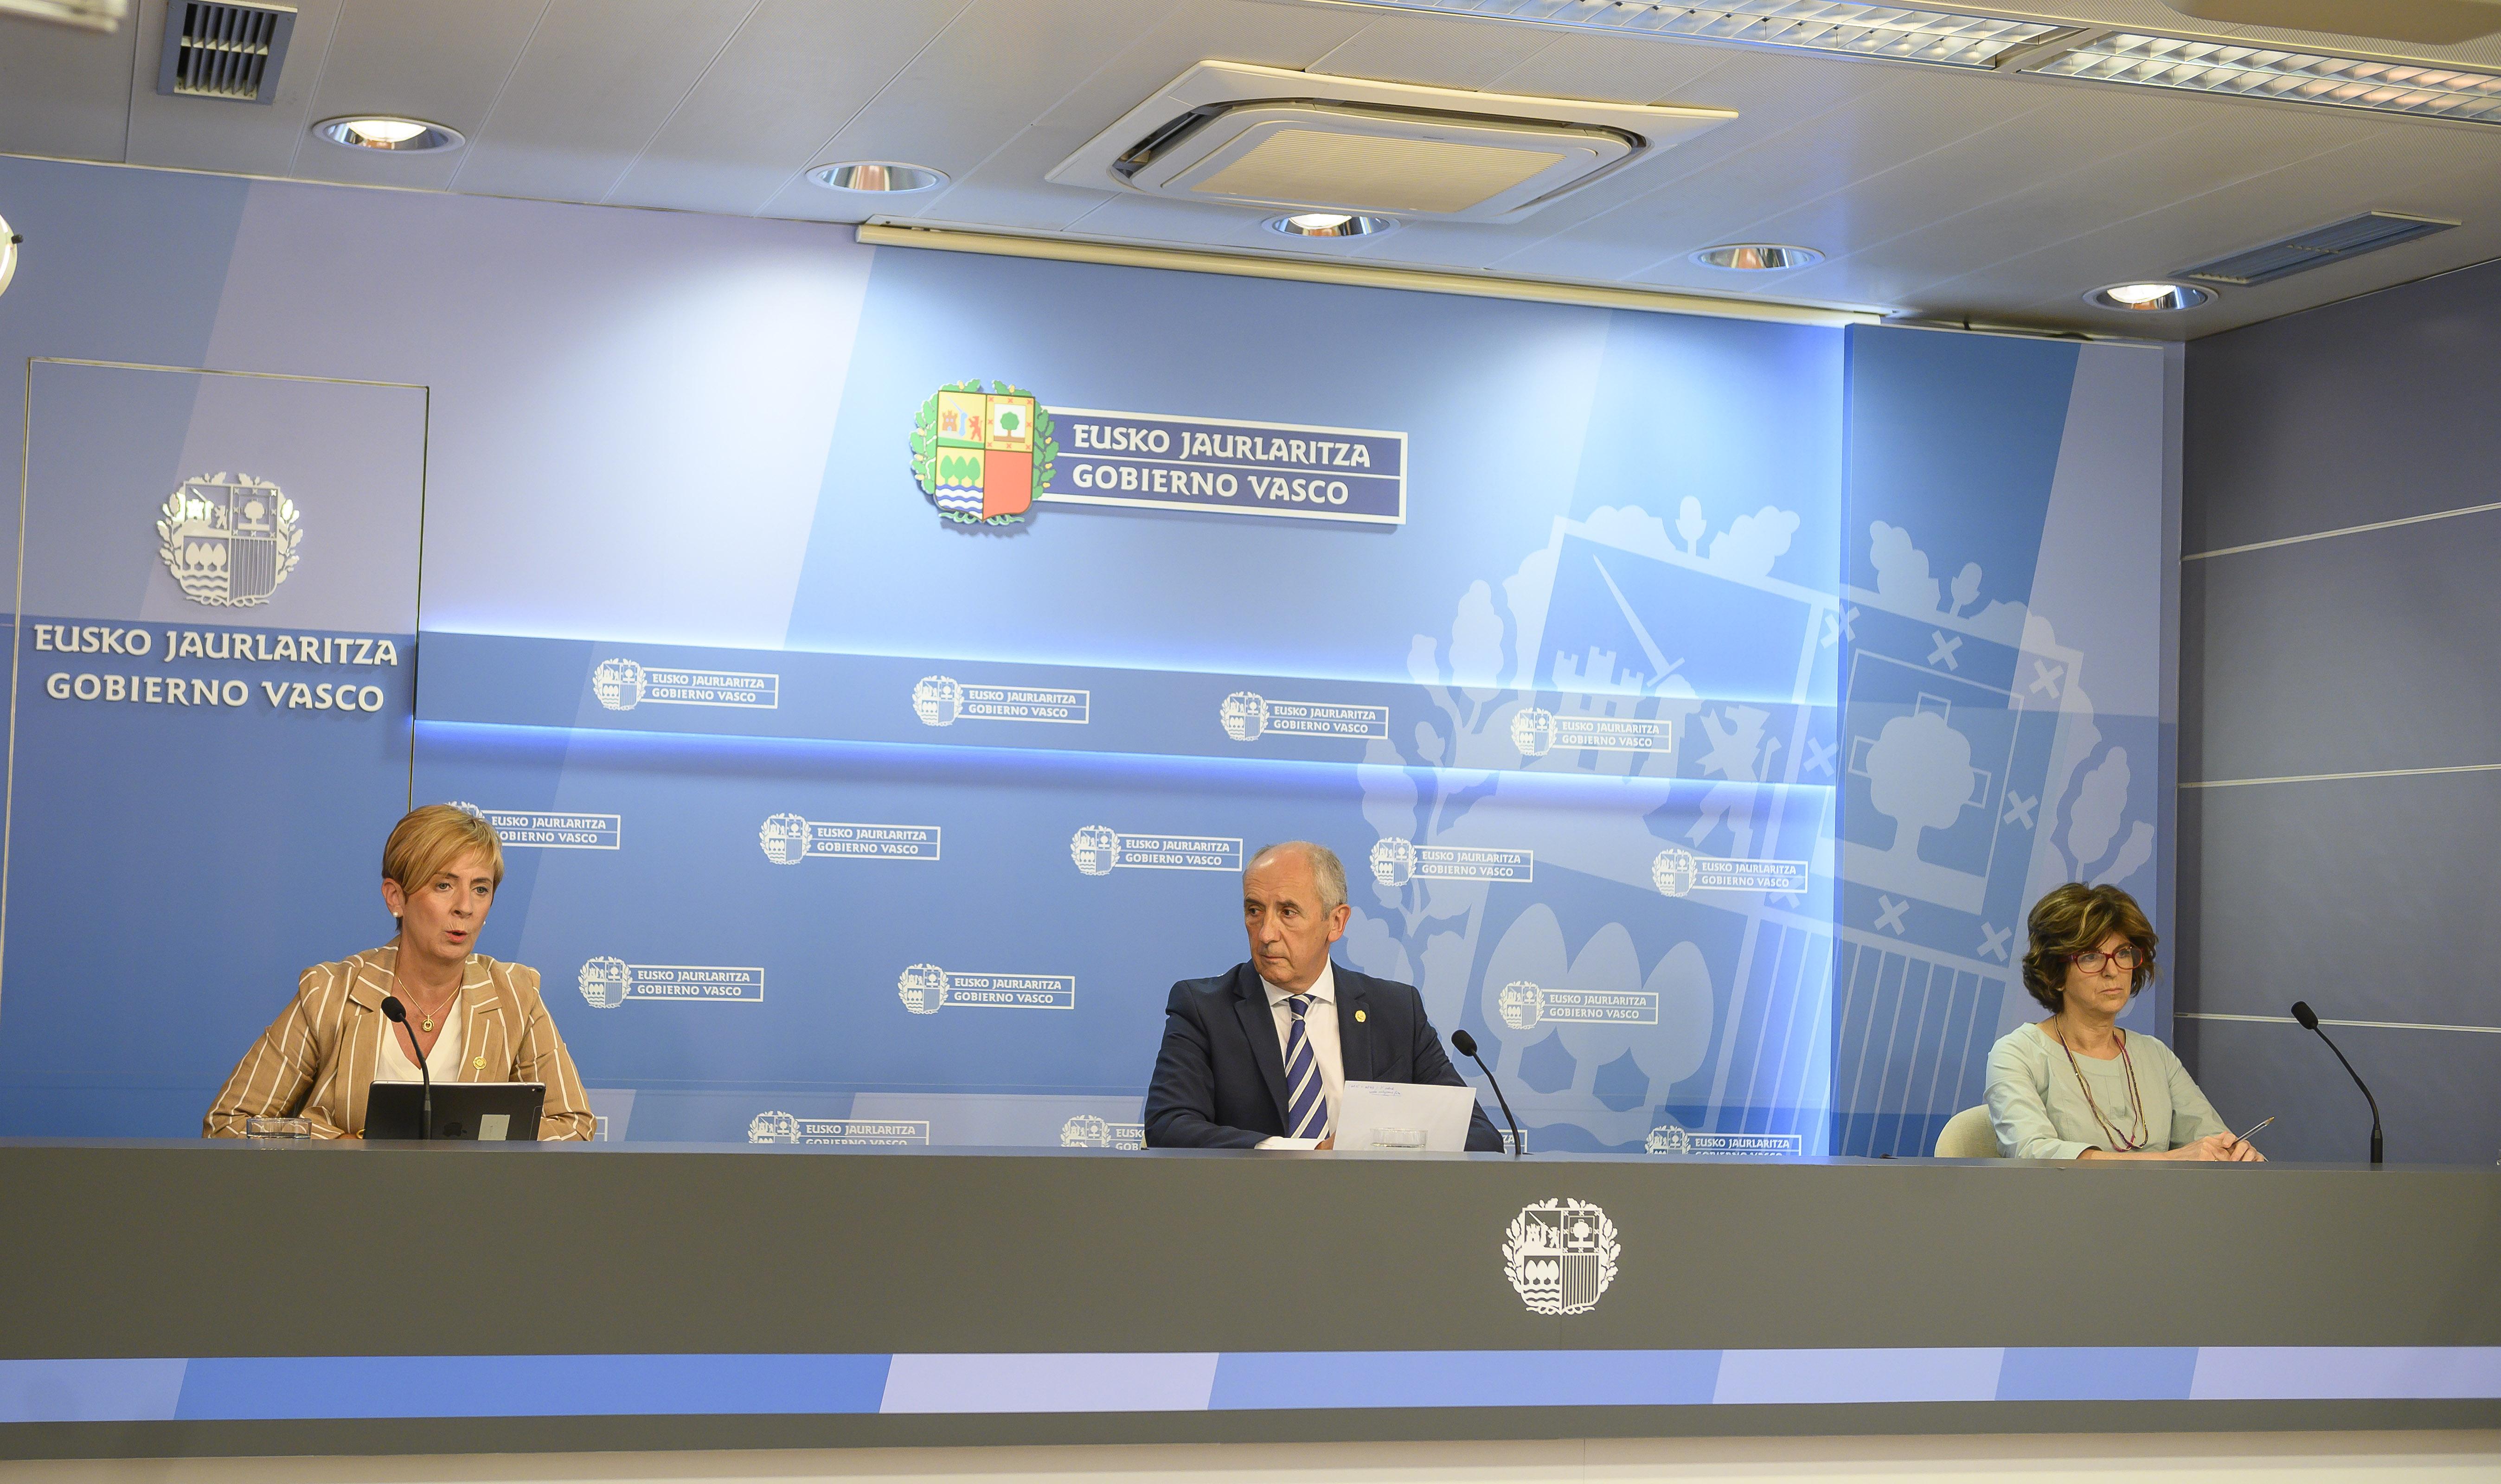 """Josu Erkoreka: """"El Gobierno Vasco agradece la confianza depositada por una gran mayoría de la ciudadanía que ha respaldado su labor realizada durante estos cuatro años"""""""